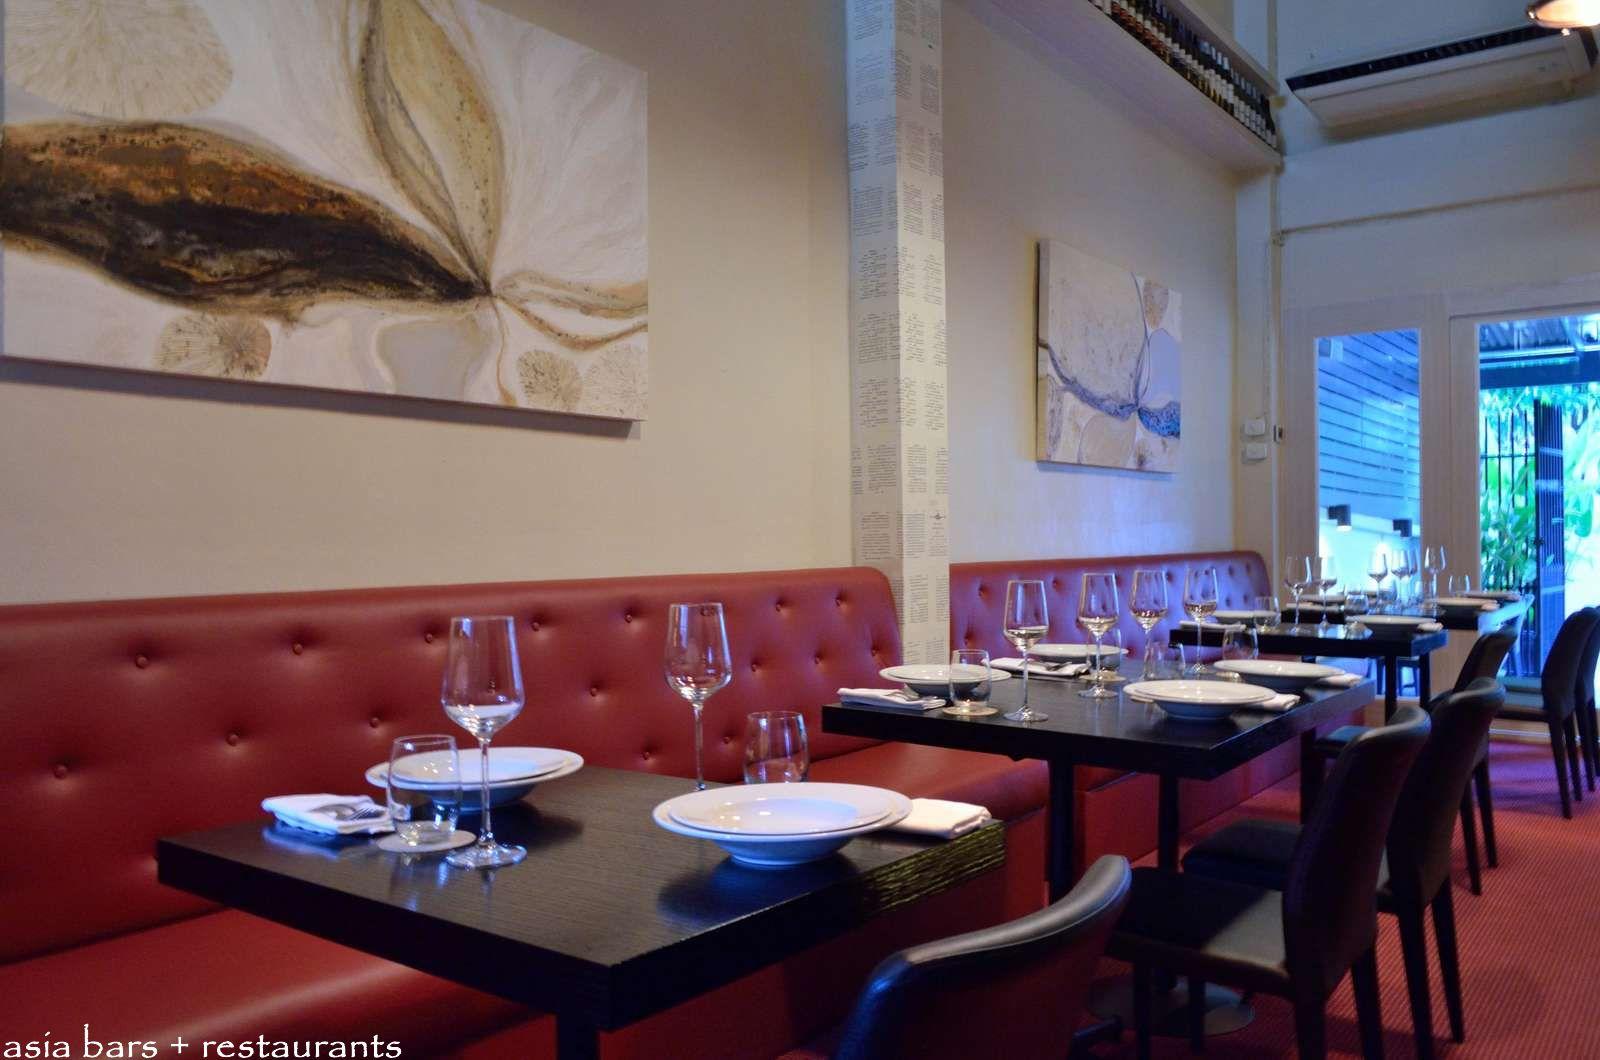 paste modern thai restaurant in bangkok asia bars restaurants rh asia bars com